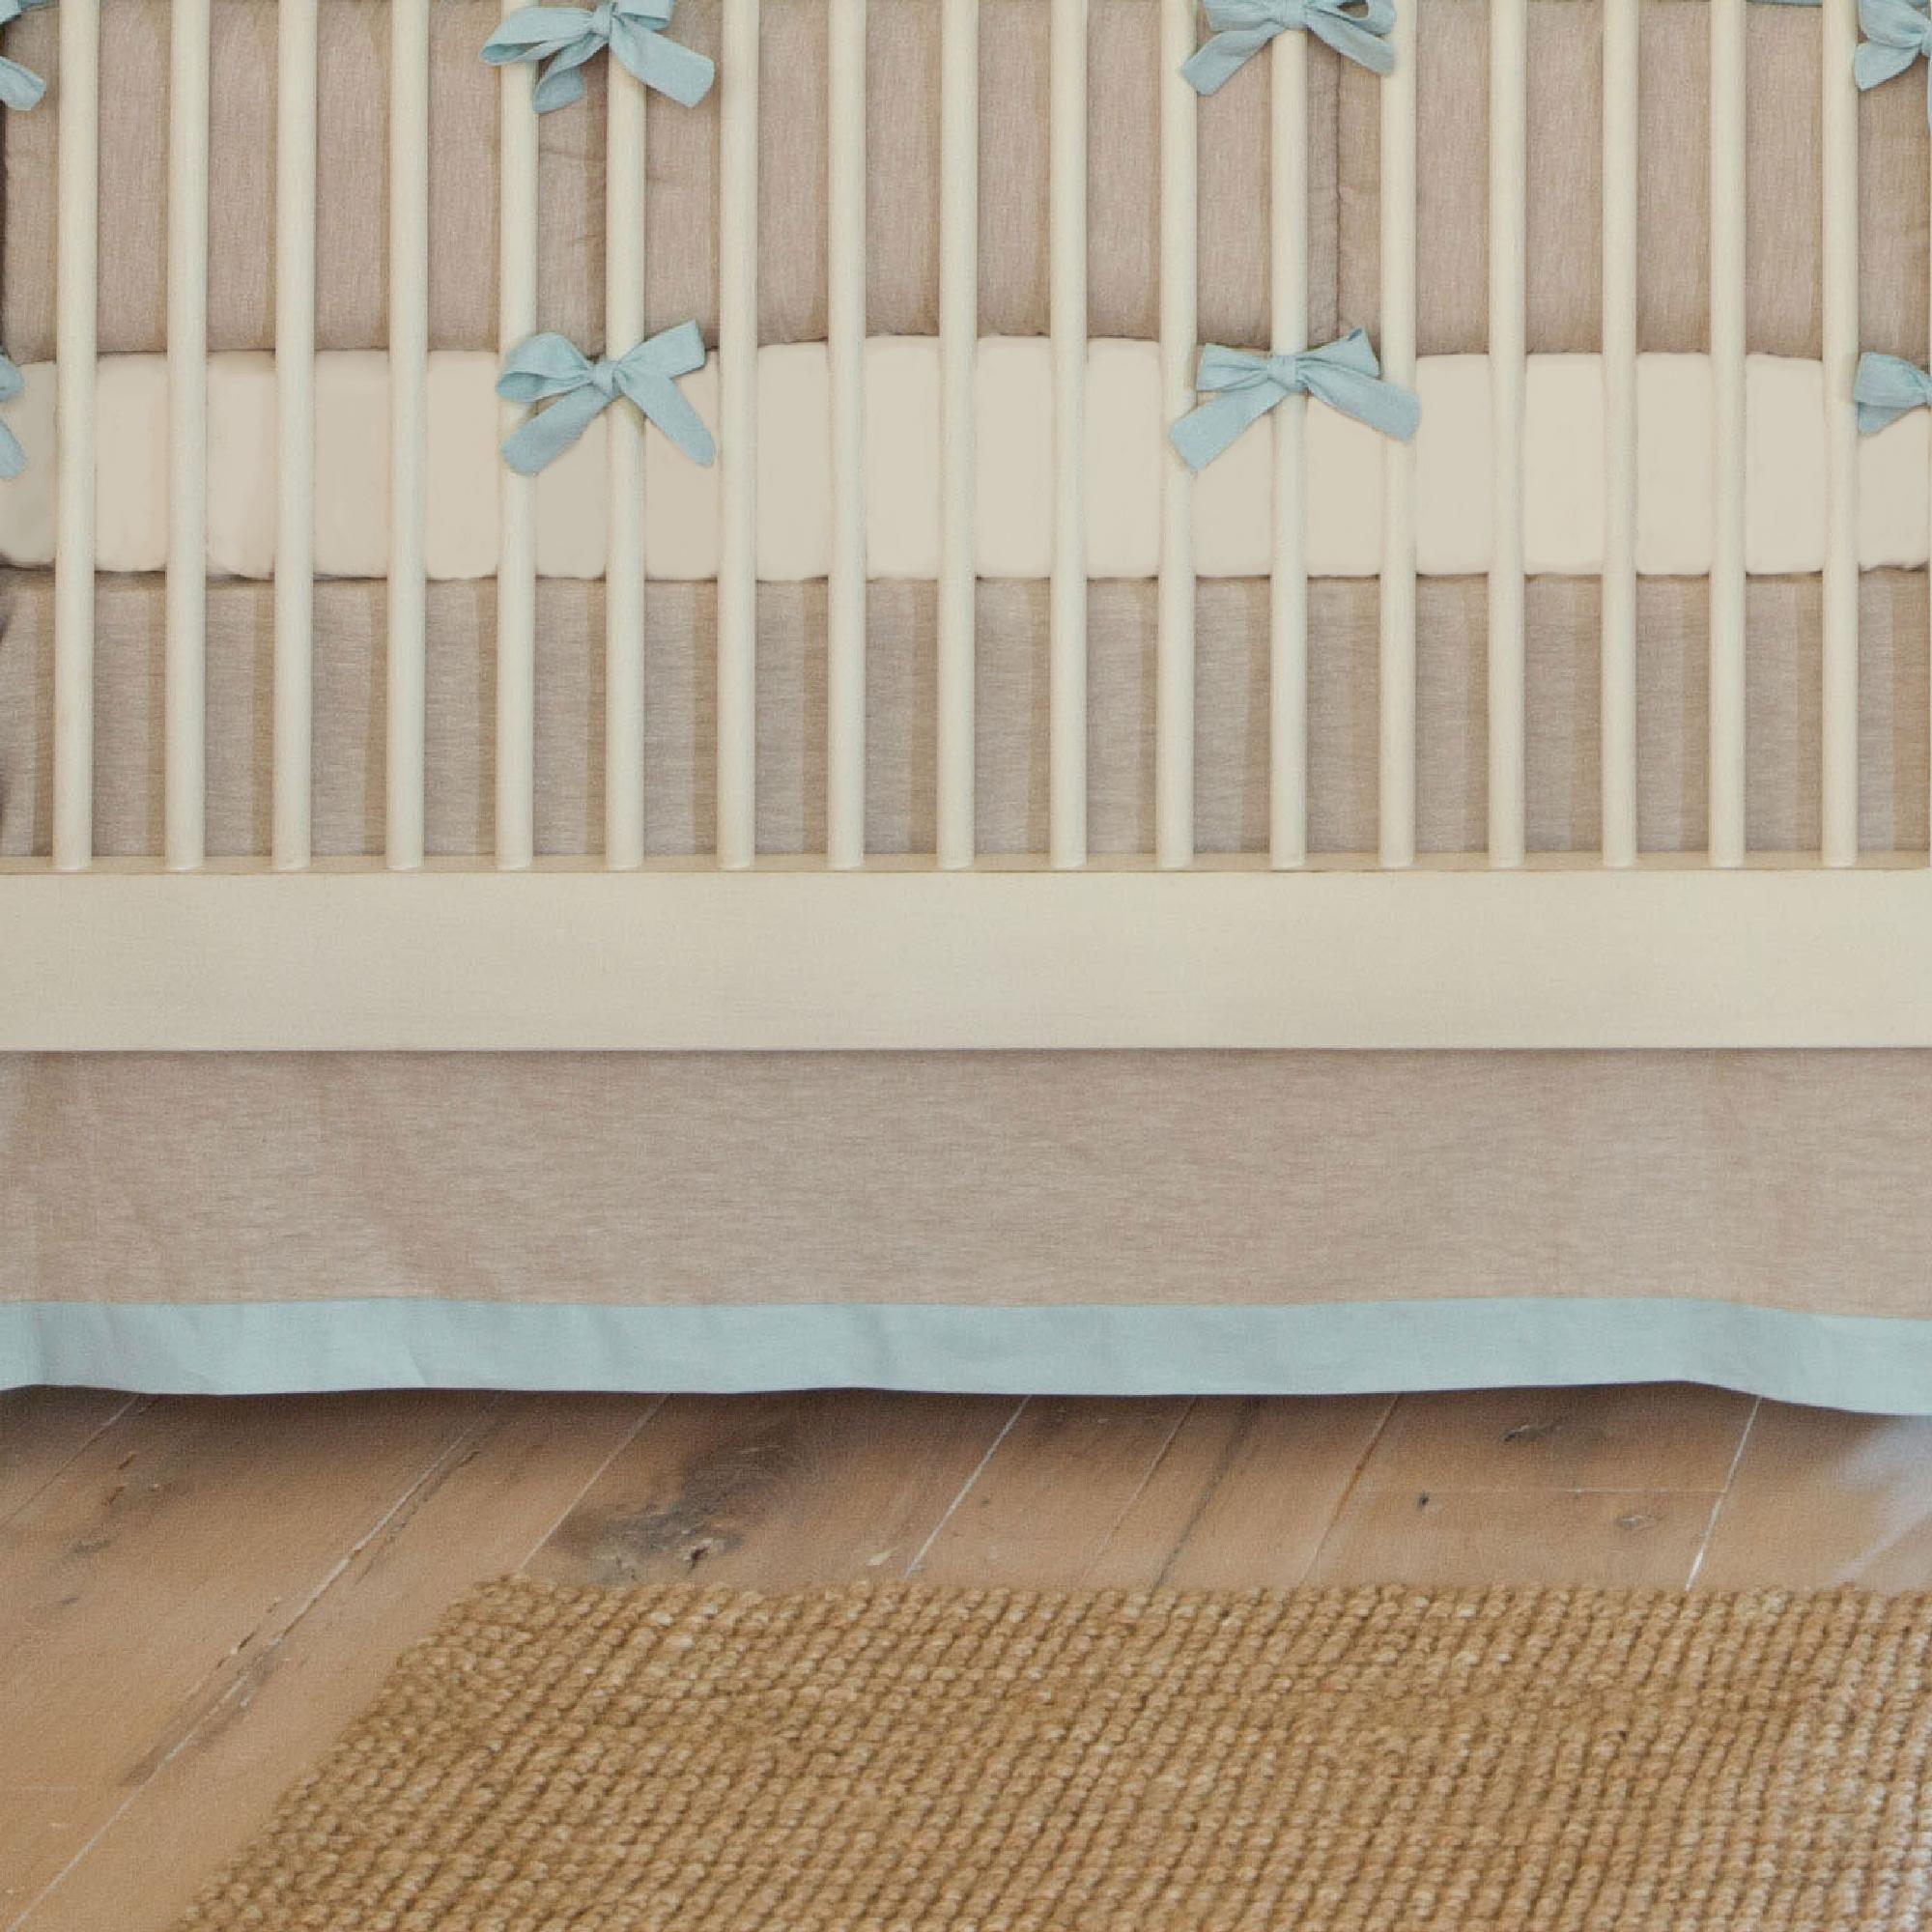 Carousel Designs Light Blue Linen Crib Skirt Straight 14-Inch Length